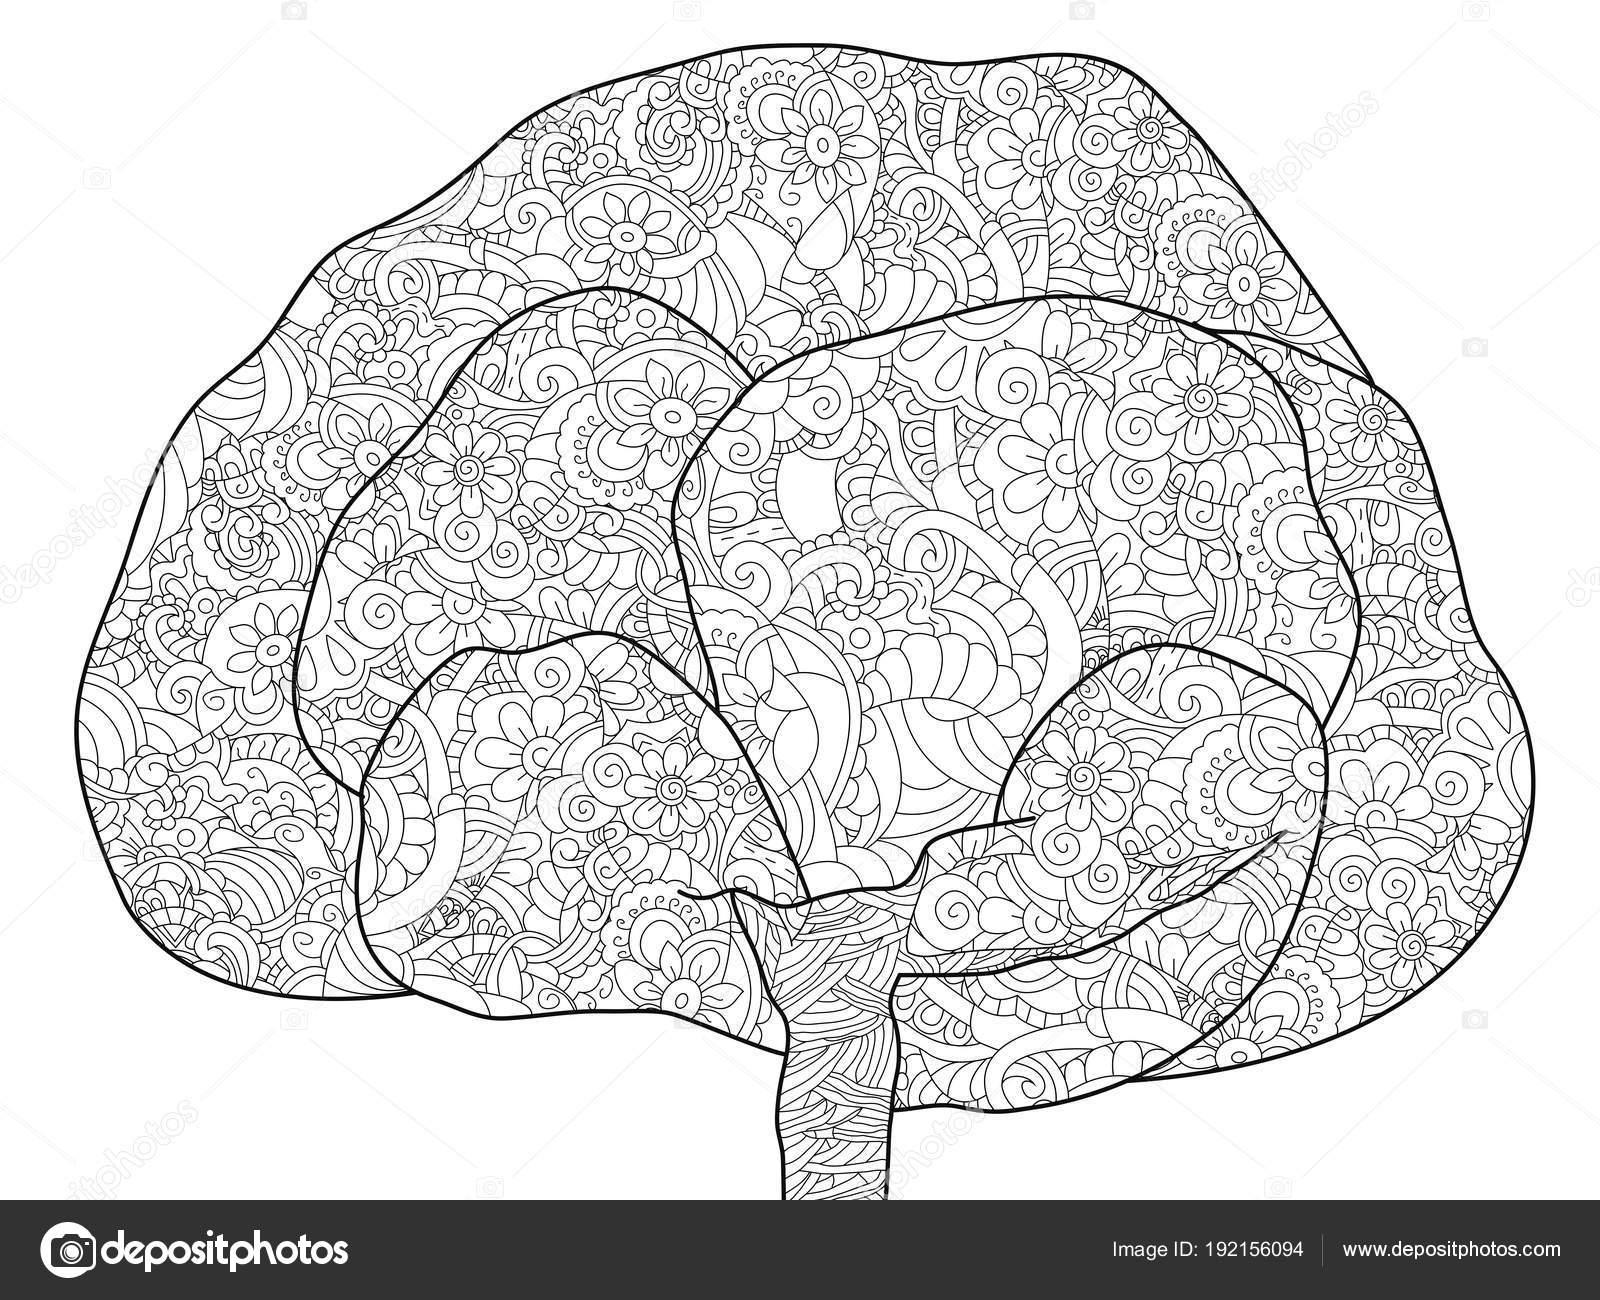 Árbol adulto antiestrés para colorear. Ilustración de líneas negras ...